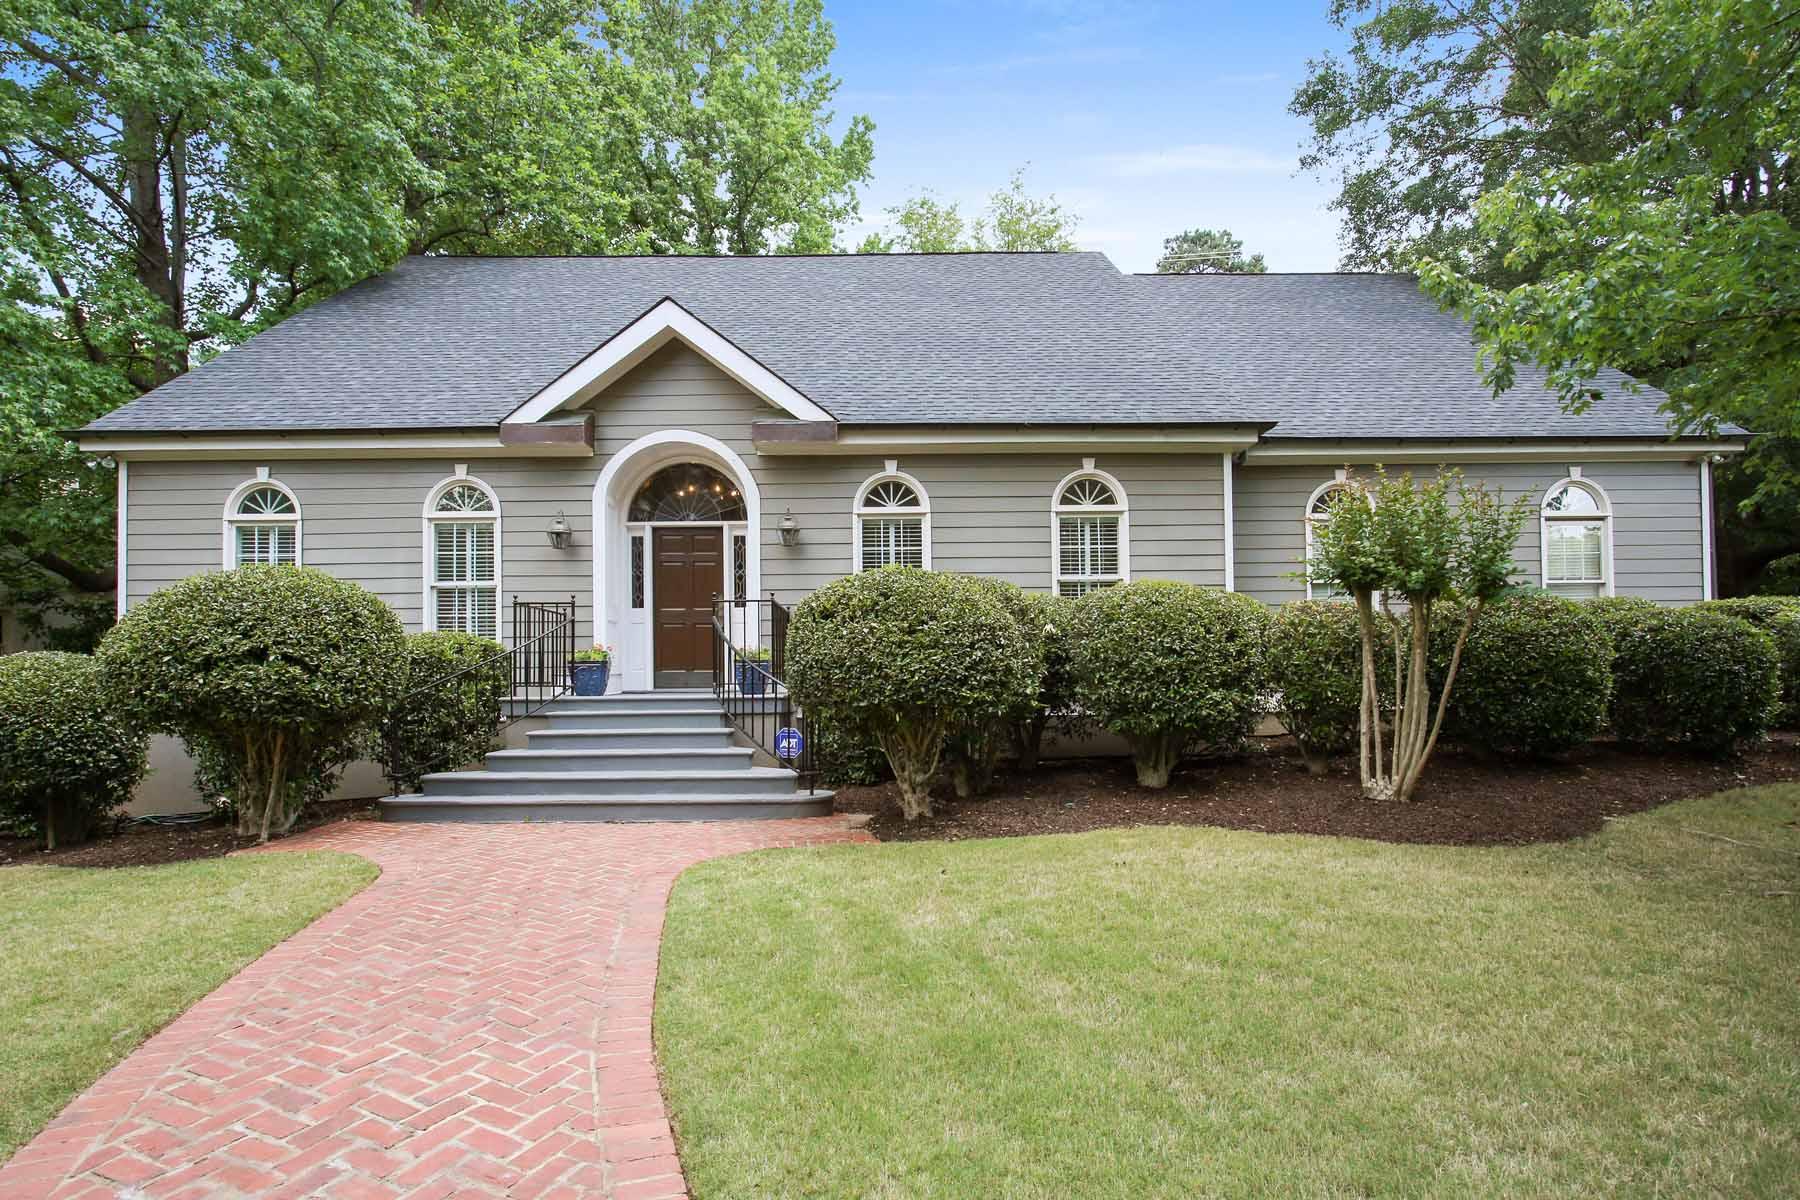 Частный односемейный дом для того Продажа на Charming Buckhead Home 2561 Westminster Heath NW Atlanta, Джорджия, 30327 Соединенные Штаты